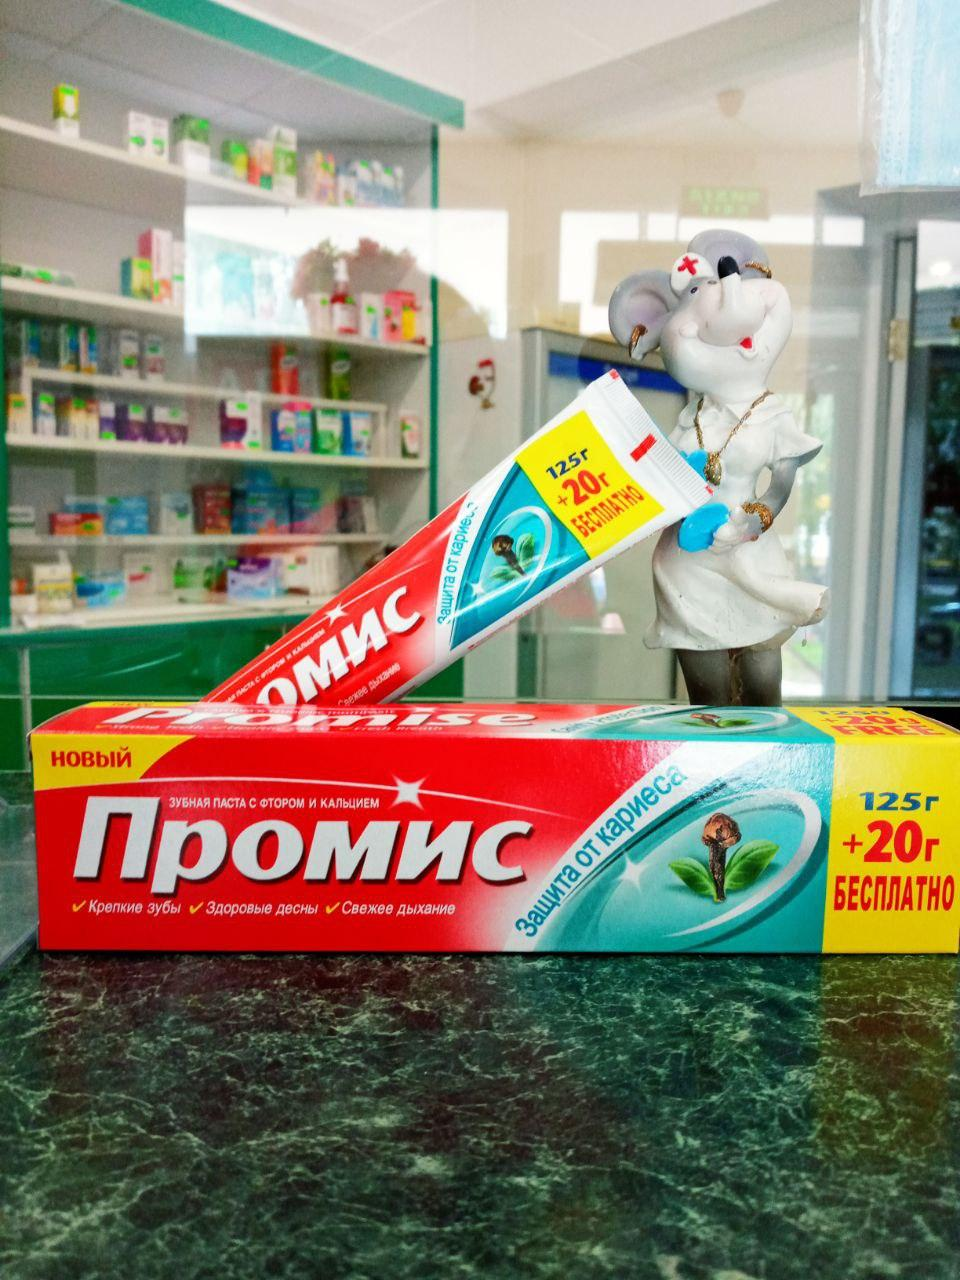 зубная паста против кариеса с фтором и кальцием